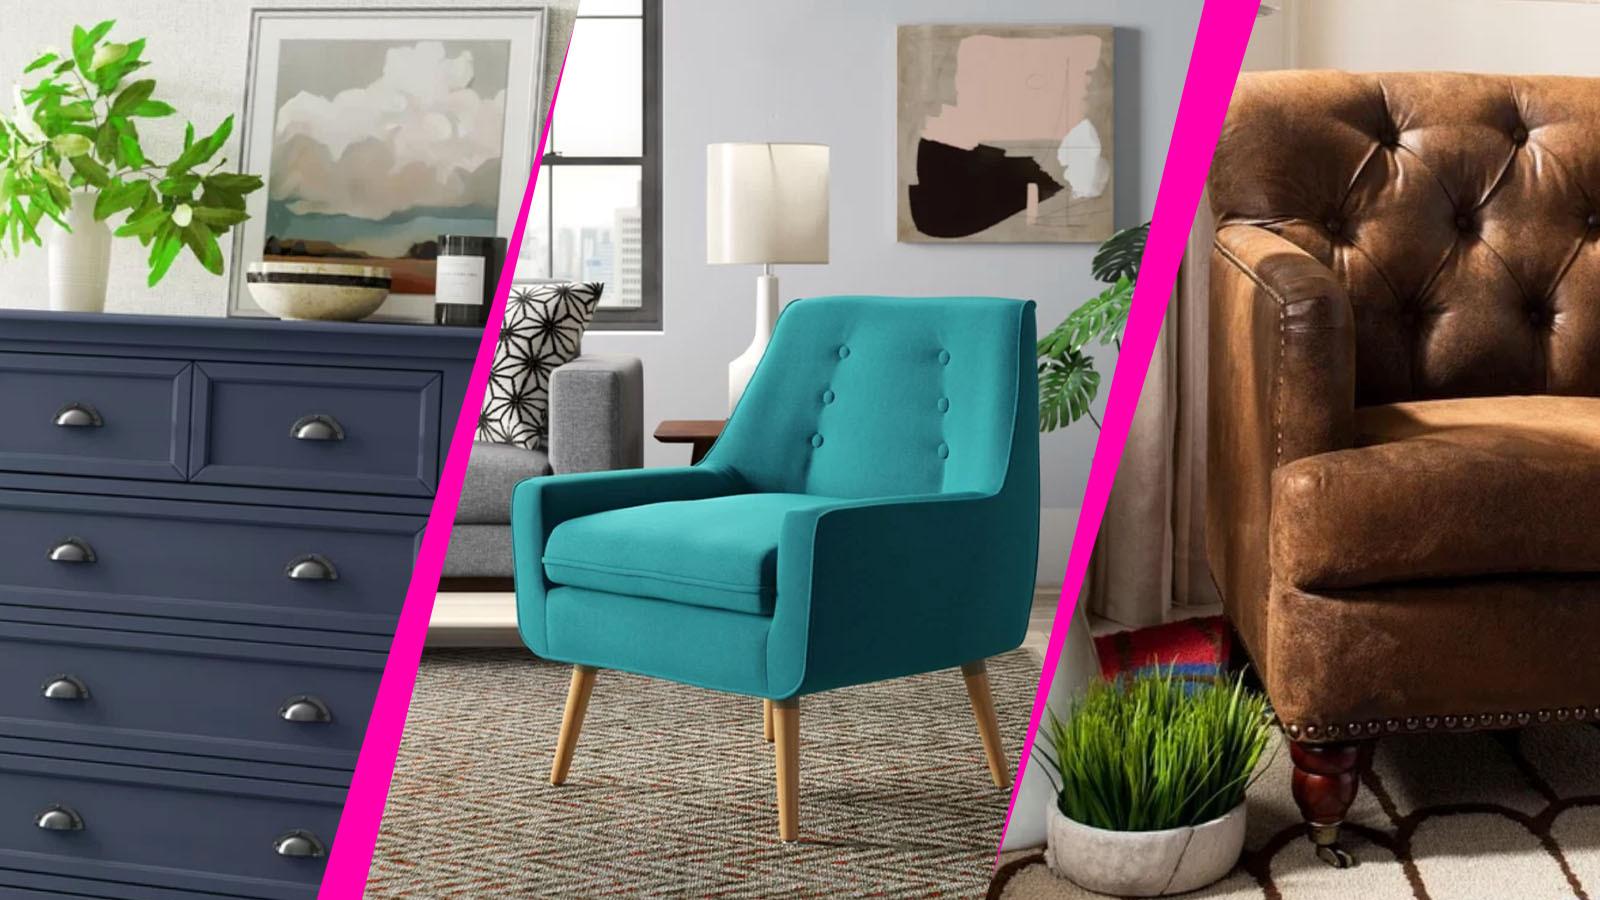 Furniture Sales For Black Friday 2020 Cnn Underscored